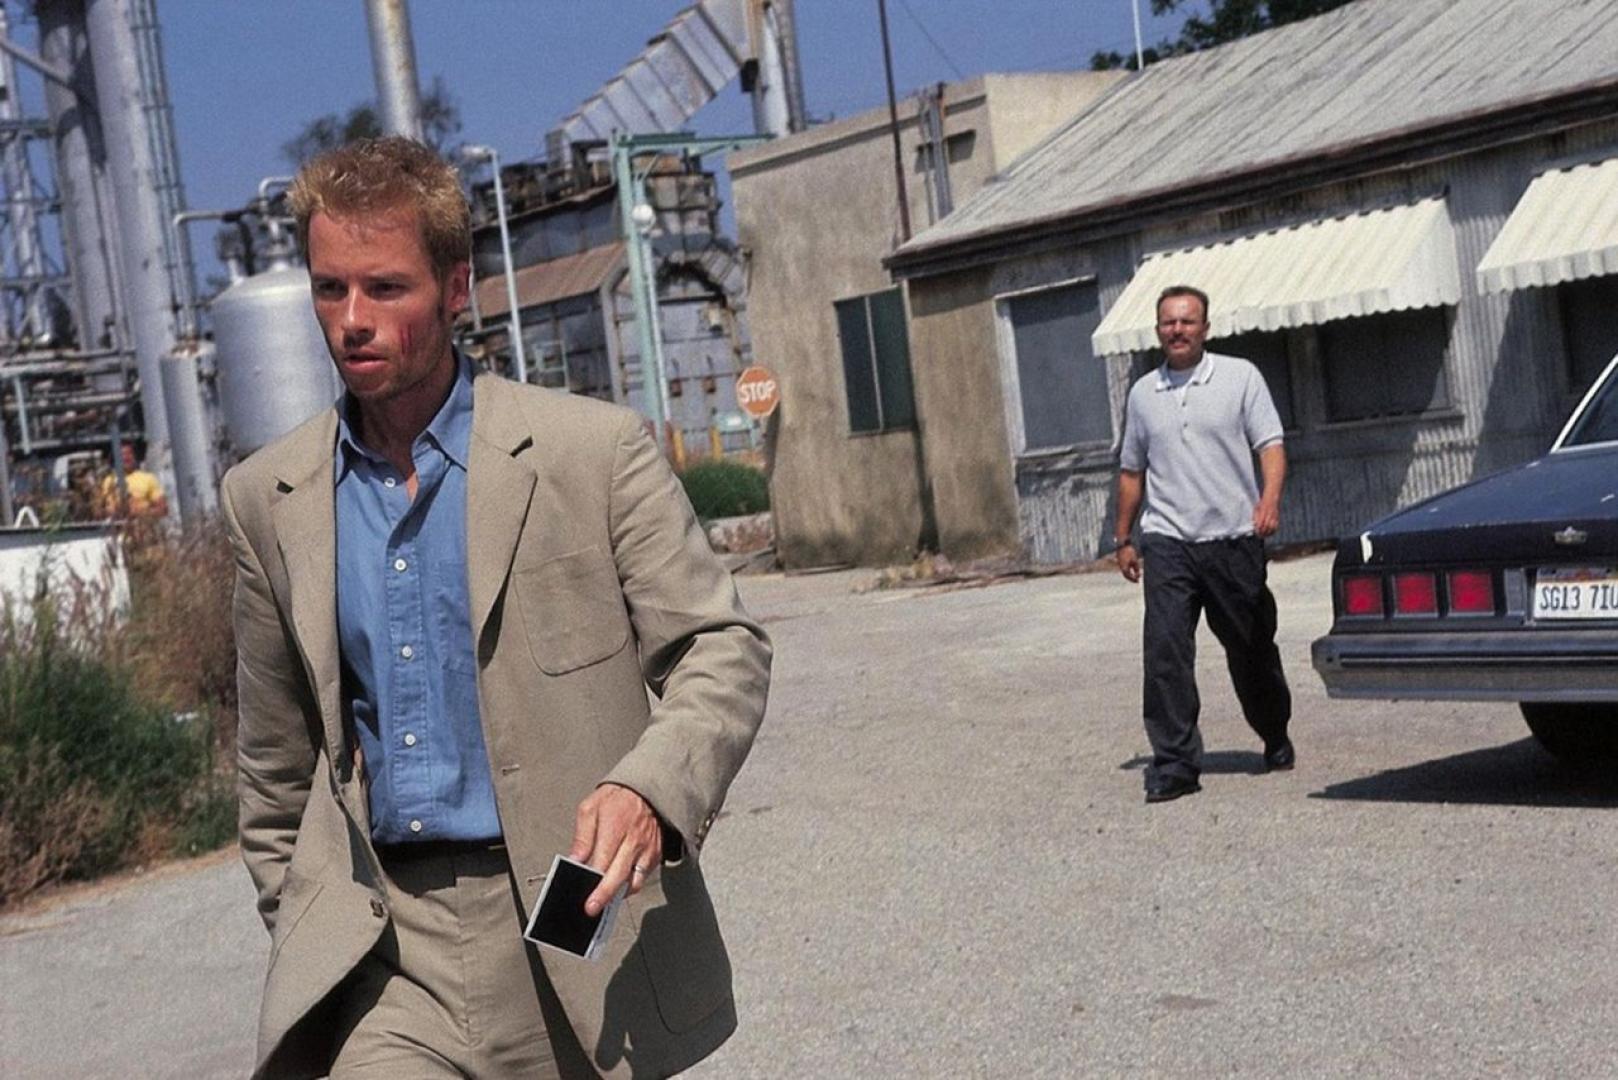 Memento - Mementó (2000) 2.kép